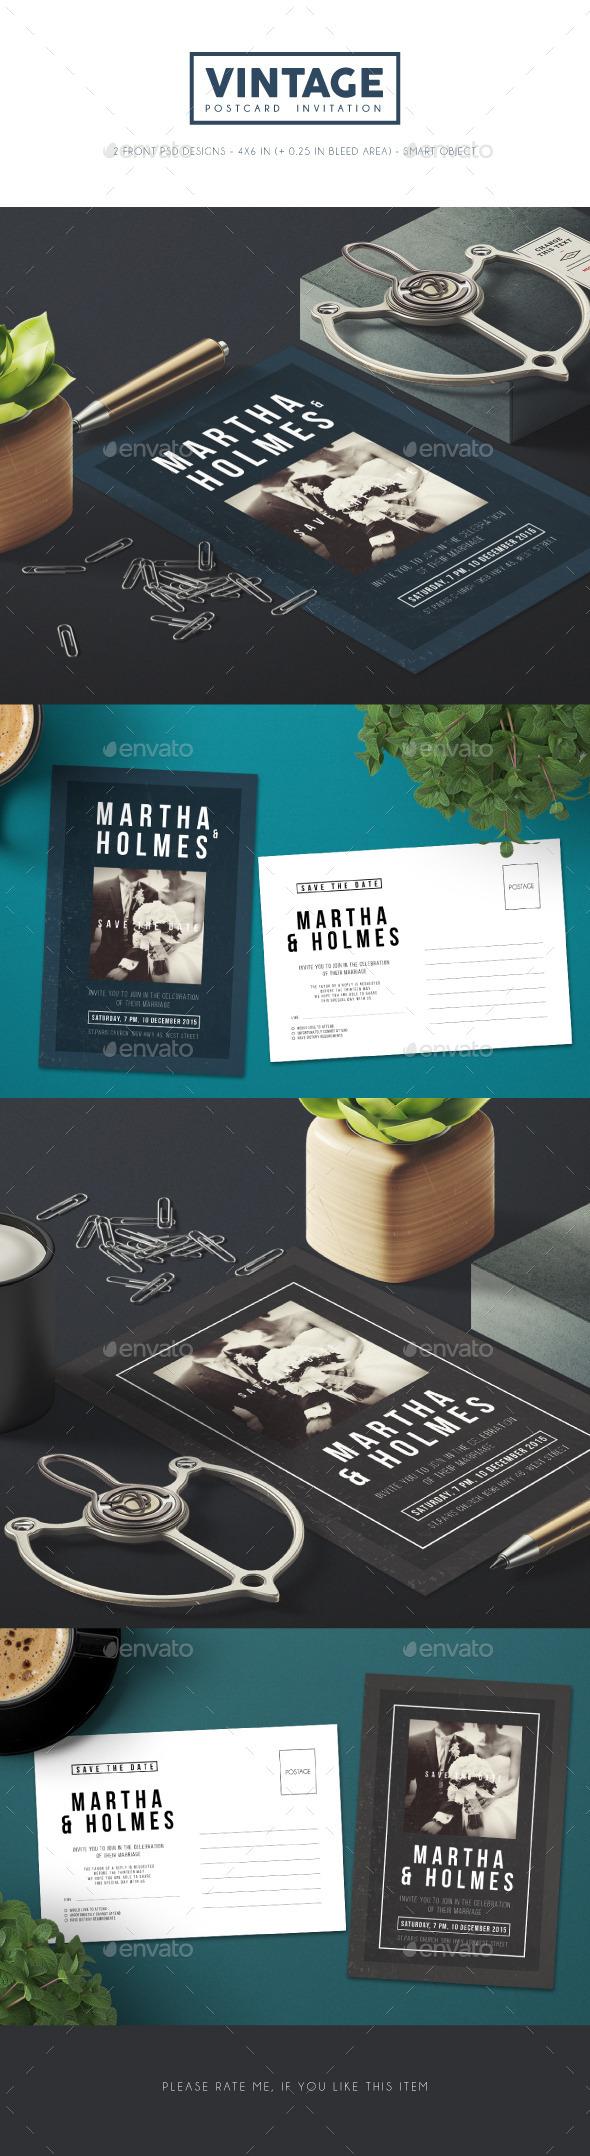 Vintage Wedding Invitation - Invitations Cards & Invites